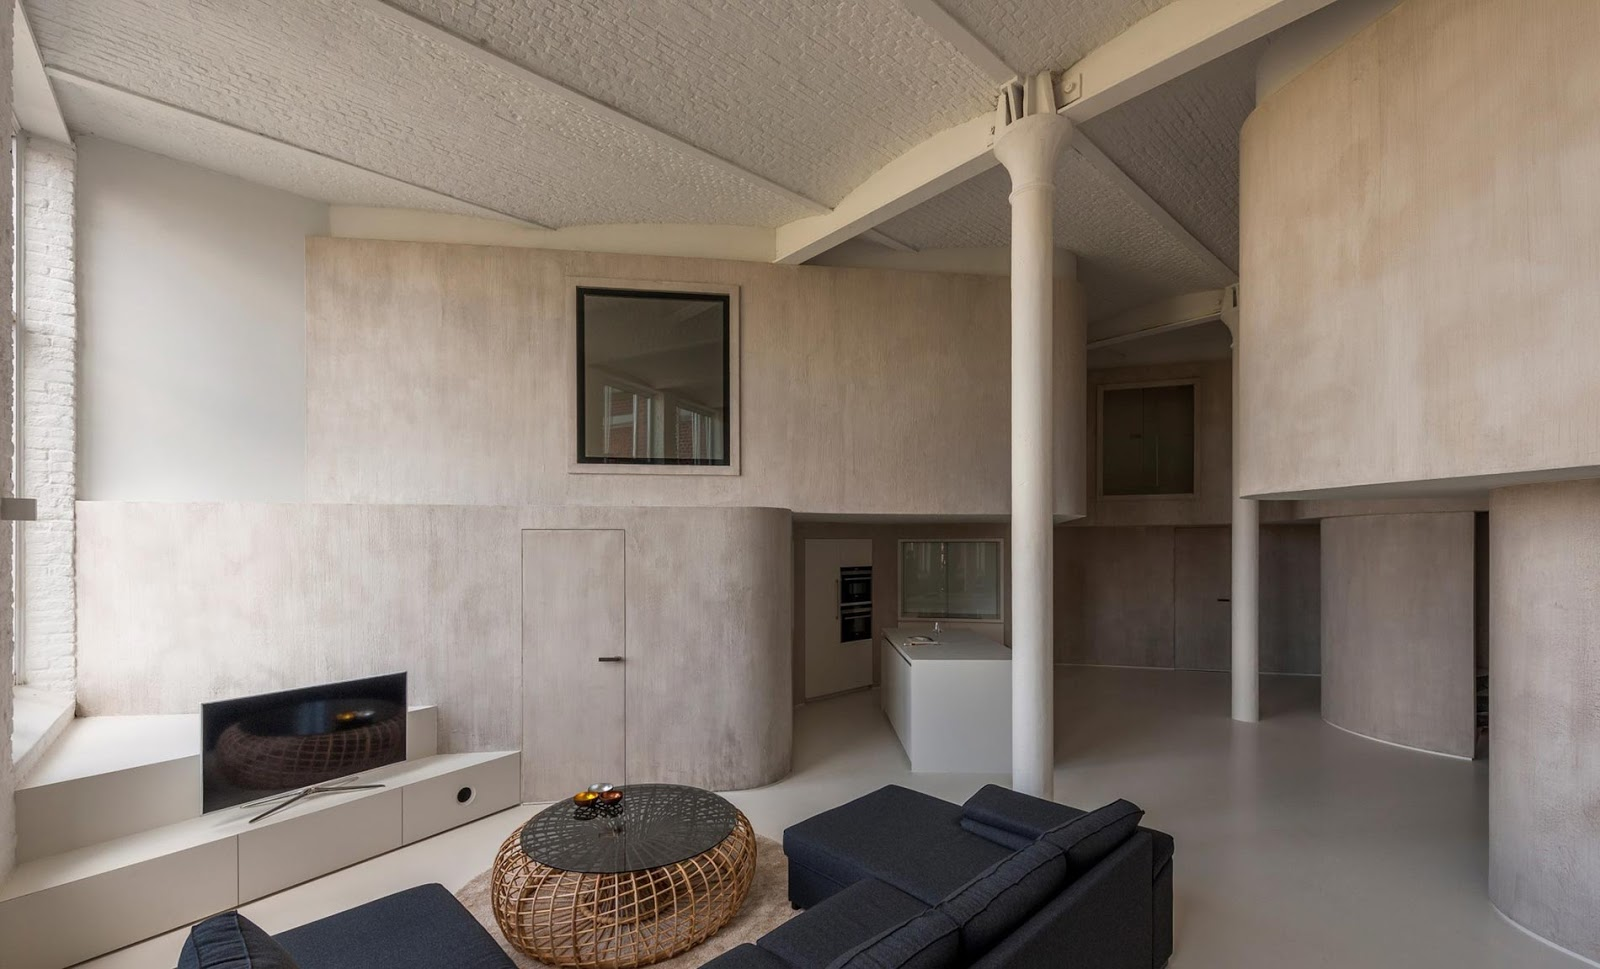 Pittura per soggiorno elegant lampadario per soggiorno interior